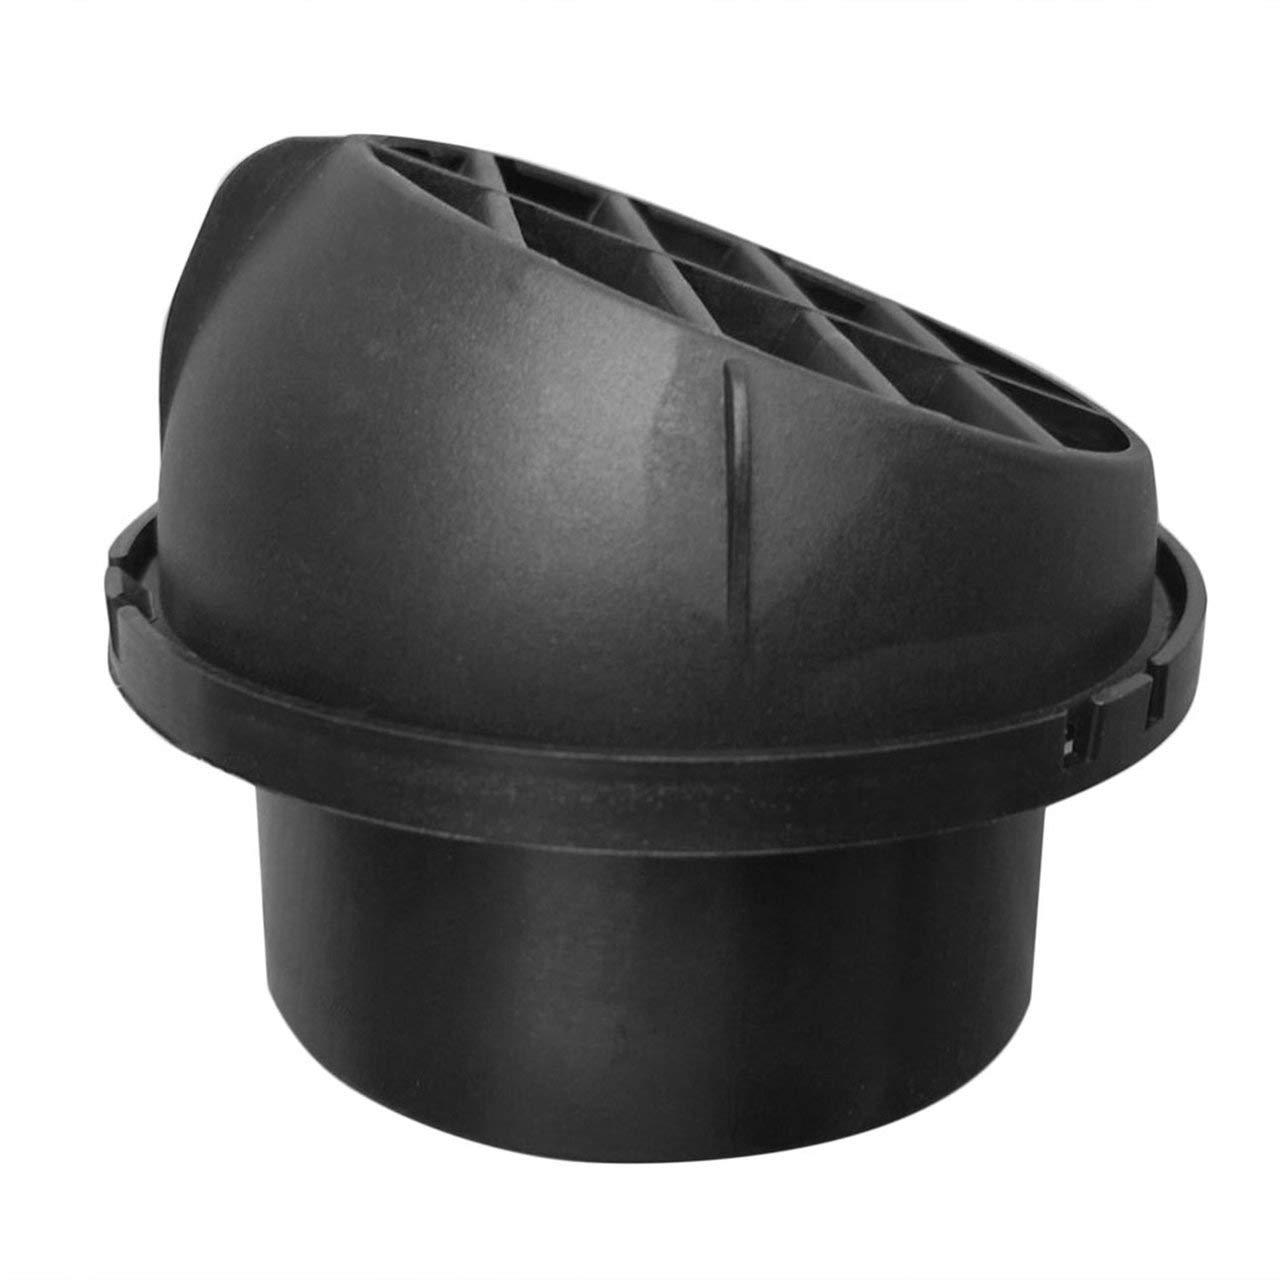 Jasnyfall Sortie d'air rotative de Direction d'é vent de Chauffage de Voiture Chaude pour Camion Webasto Noir